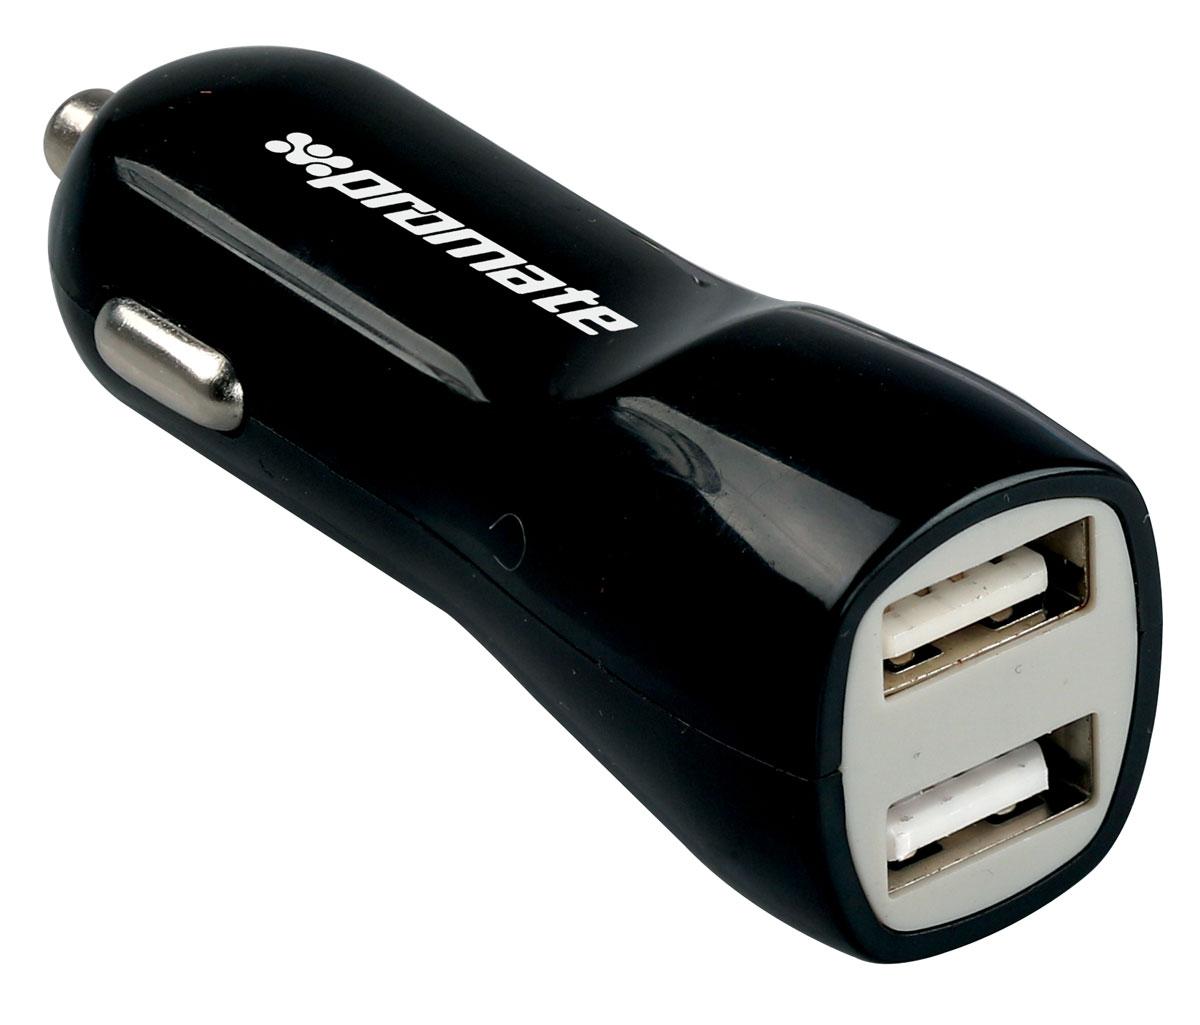 Устройство зарядное Promate Vivid, цвет: черный00007501Promate Vivid - яркое и надежное автомобильное зарядное устройство. Его эргономичная форма включает в себя два USB порта с силой тока до 3100 mA (для одновременной зарядки сразу двух девайсов) и светодиодную подсветку. Порты разнесены по току на 2,1А и 1А для оптимальной зарядки устройств с разной емкостью. Promate Vivid - это модный автомобильный девайс, призванный оперативно решать любые вопросы по зарядке всех USB совместимых устройств.